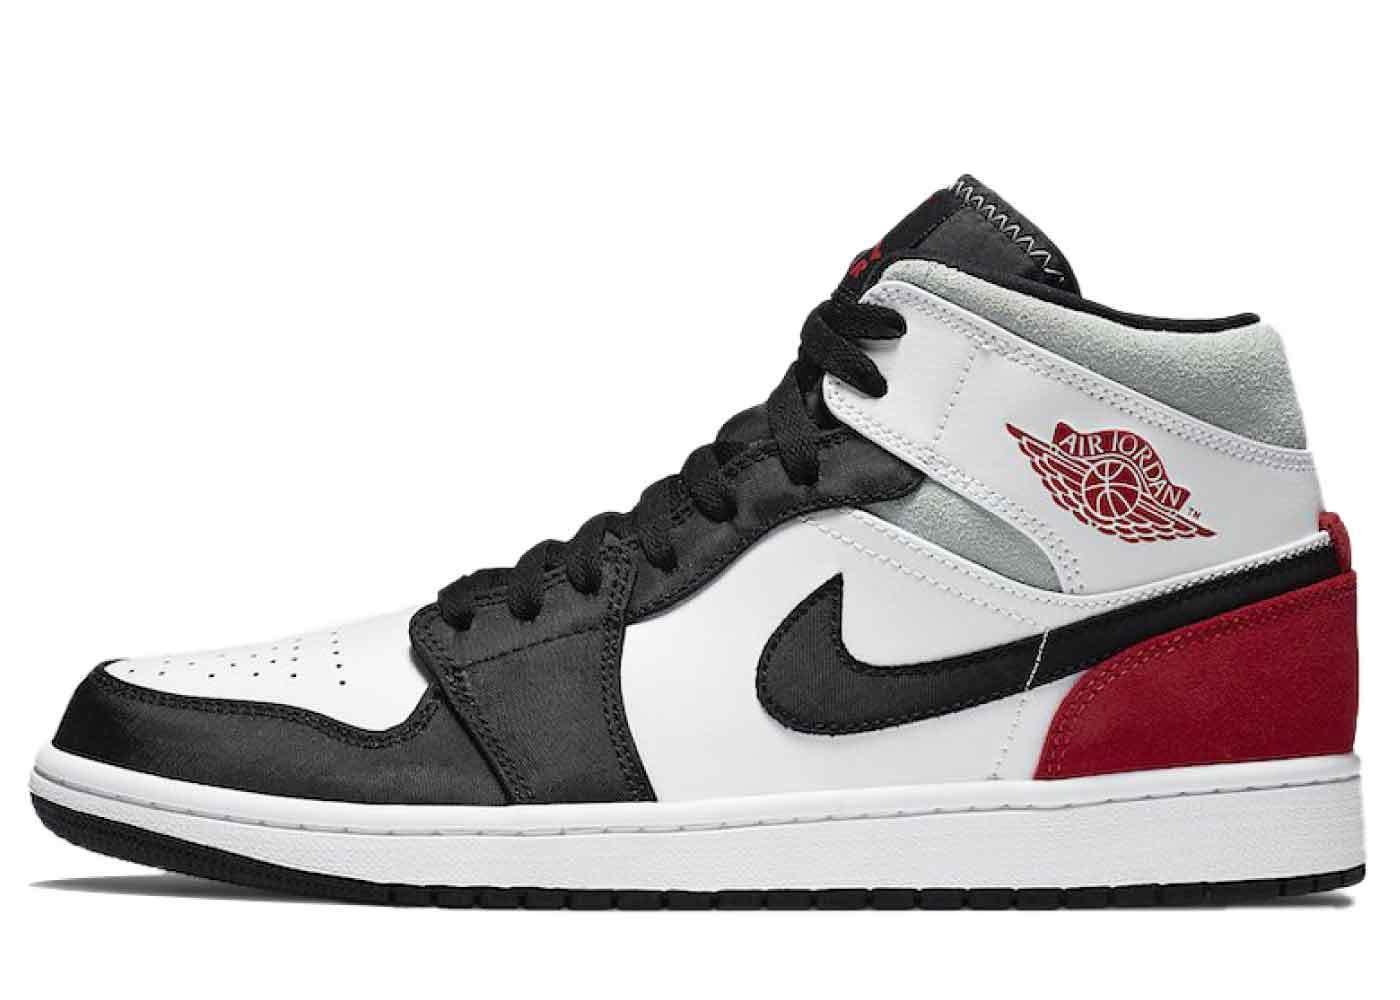 Nike Air Jordan 1 Mid SE Black White